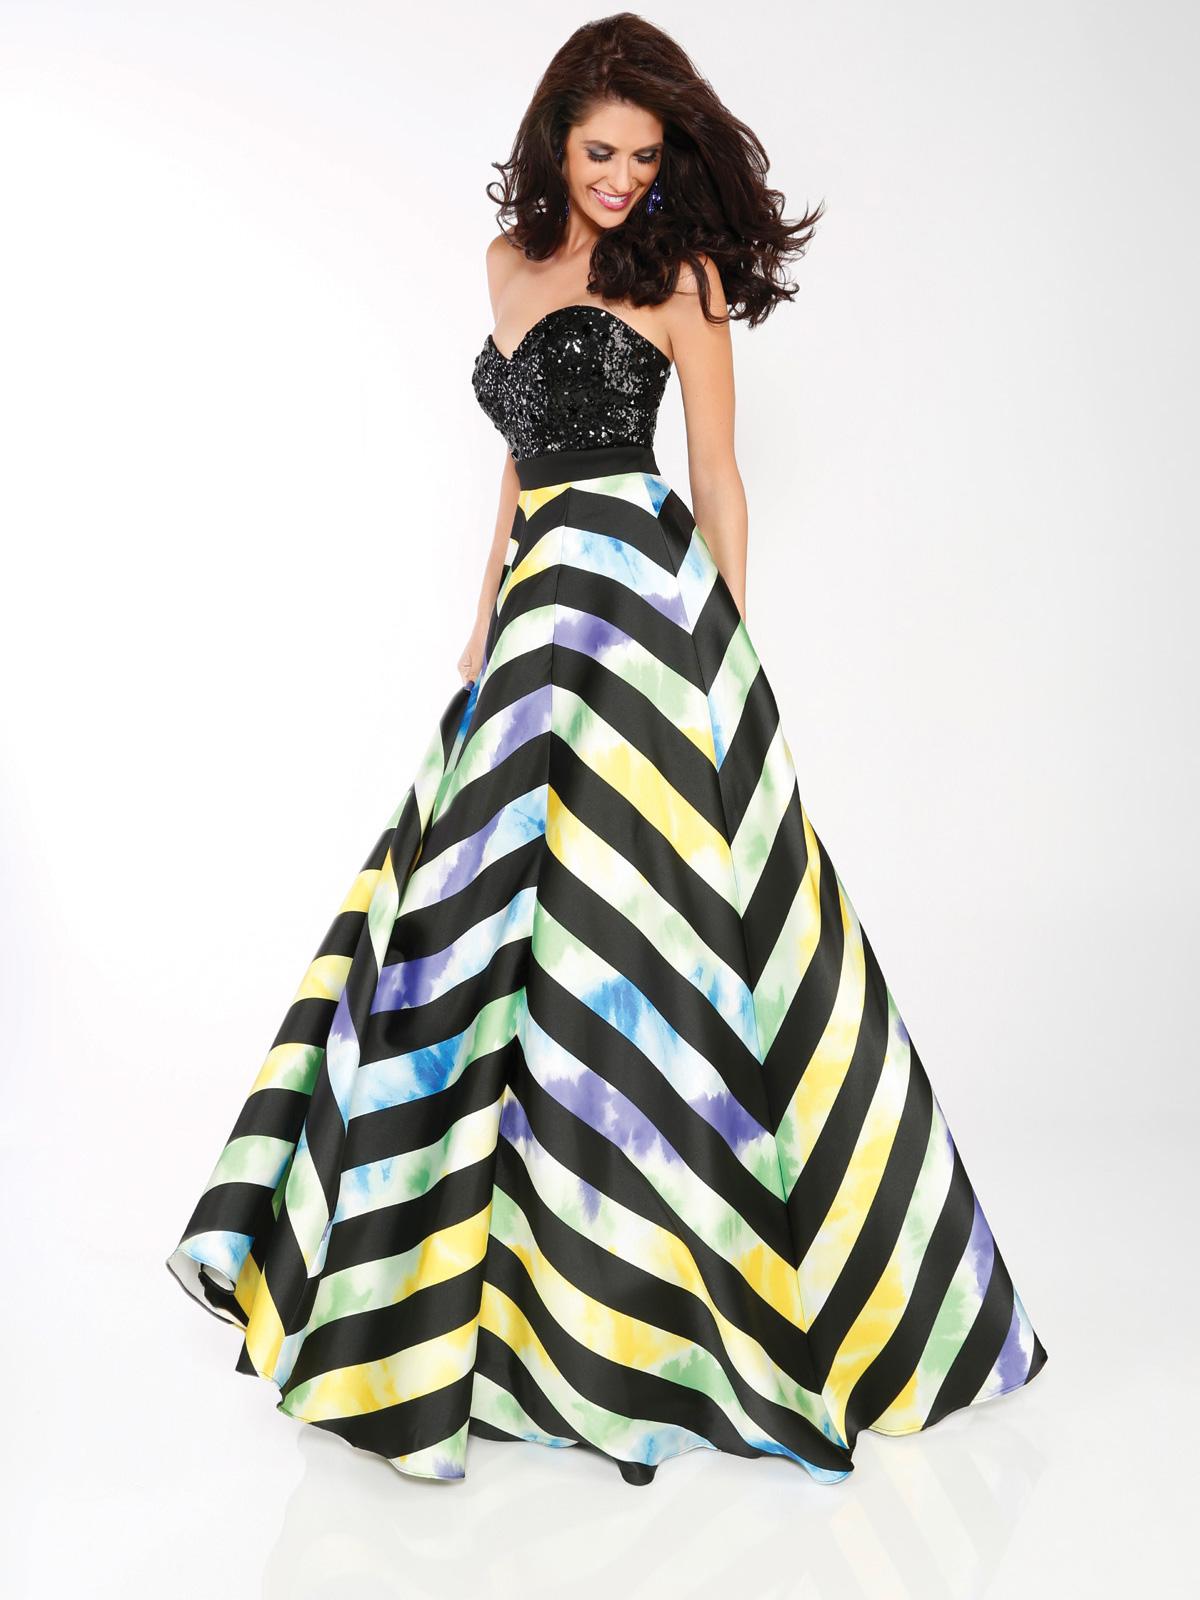 Vestido de Festa tomara que caia princesa com corpo curto todo bordado em paetês, saia evasê em tecido com estampa geométrica.